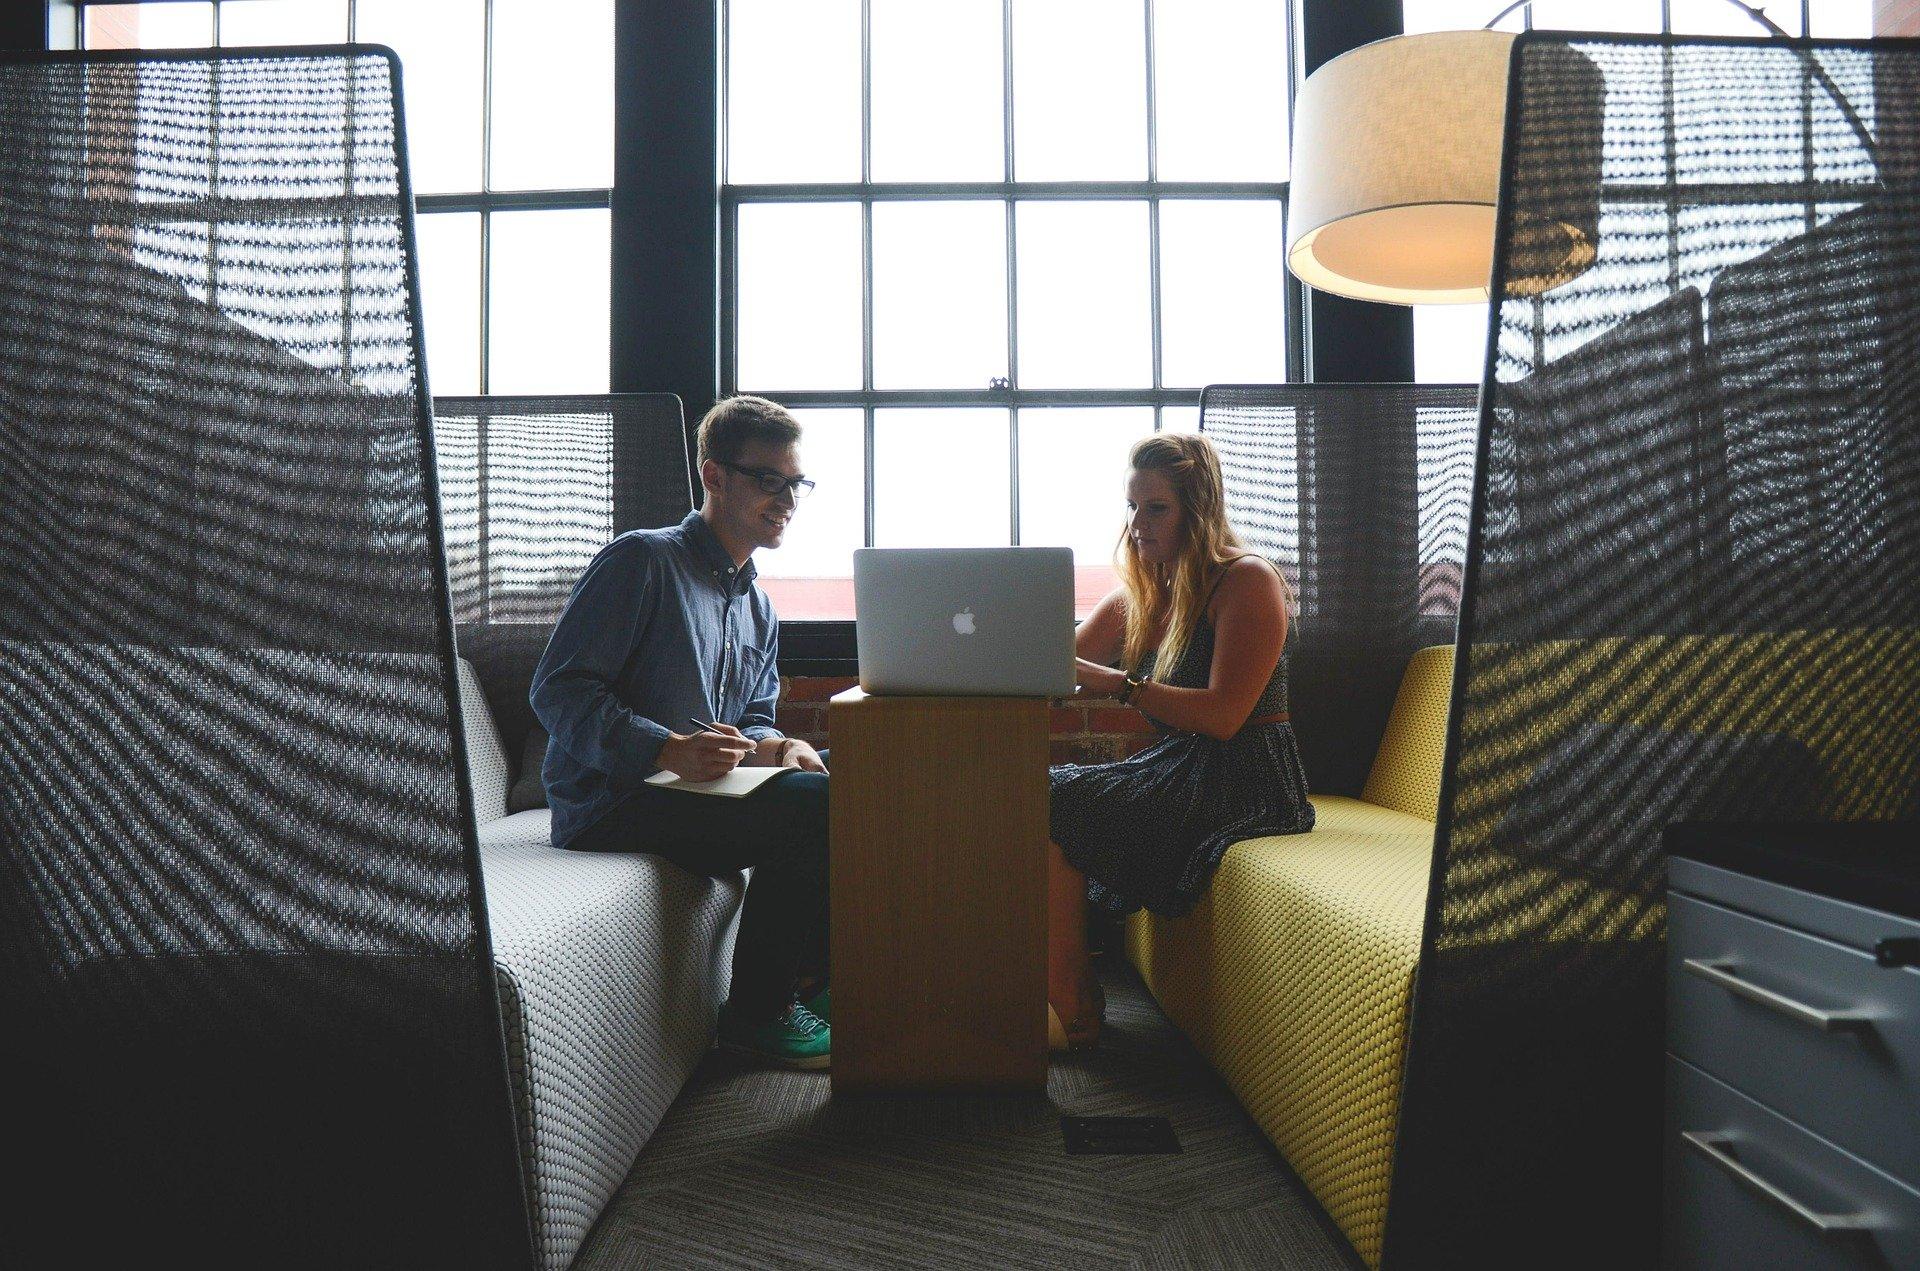 Accompagner un ex-entrepreneur dans sa réorientation de carrière